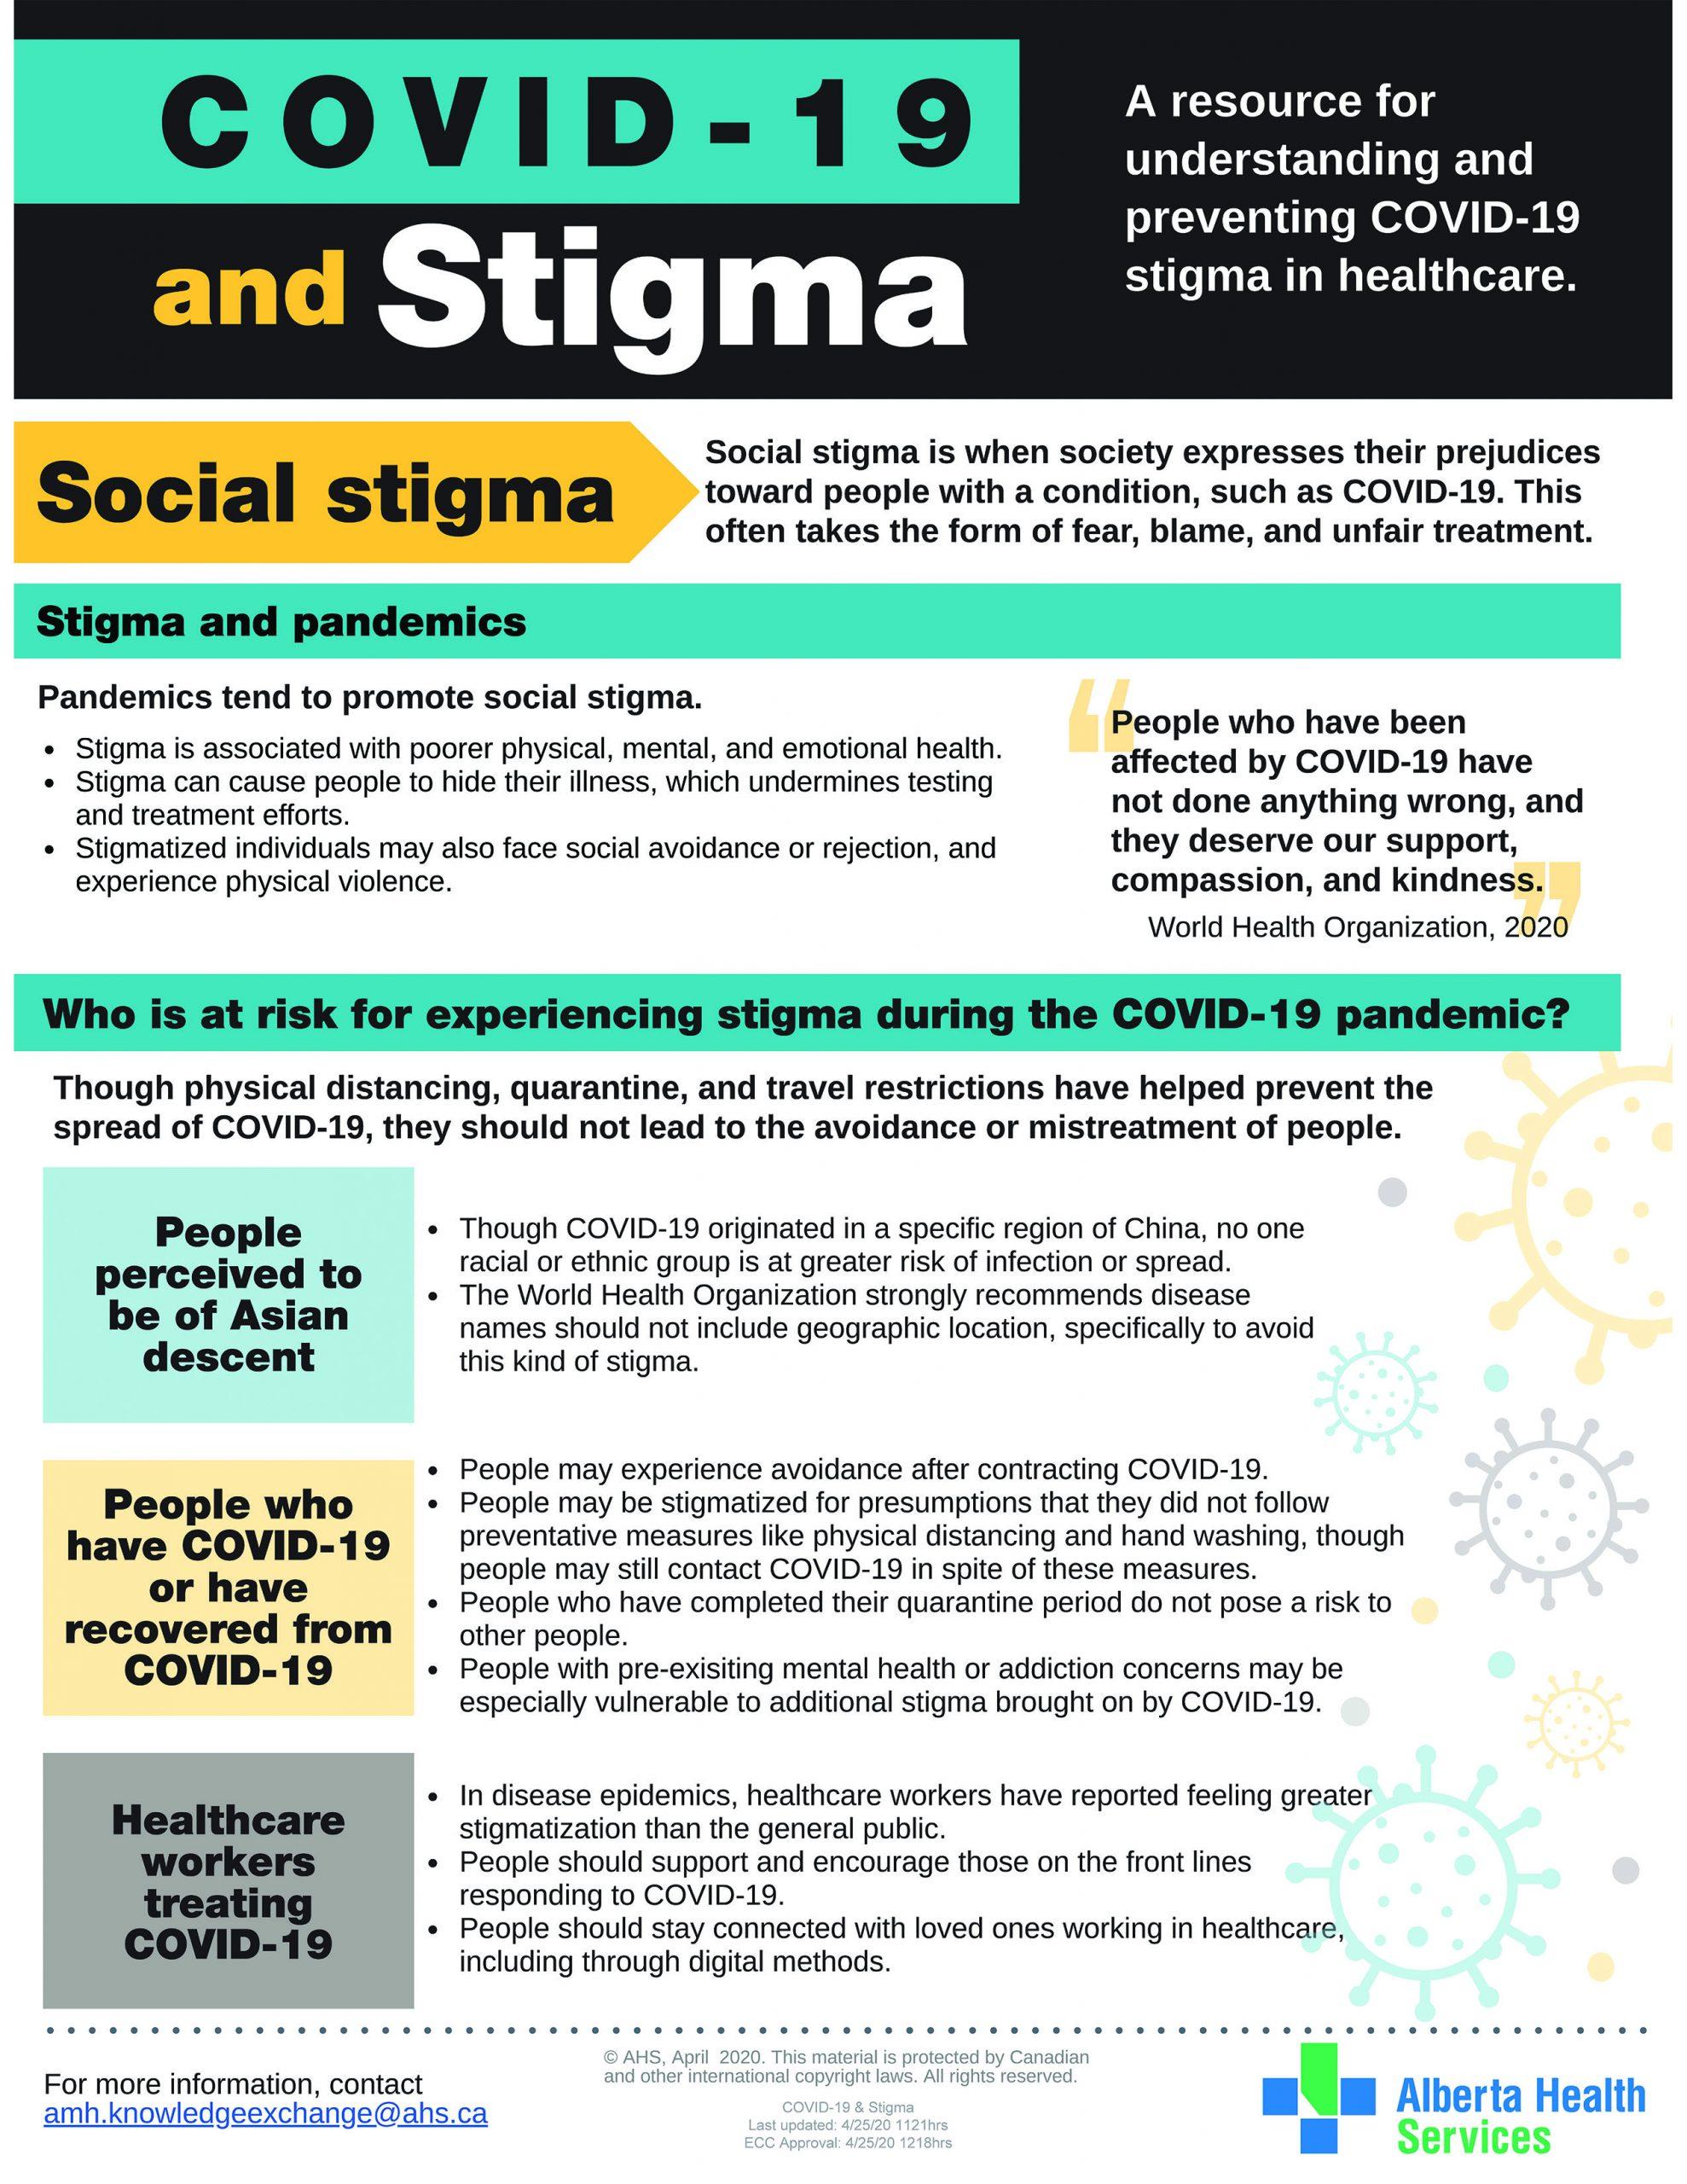 COVID-19 and Stigma - Page 1